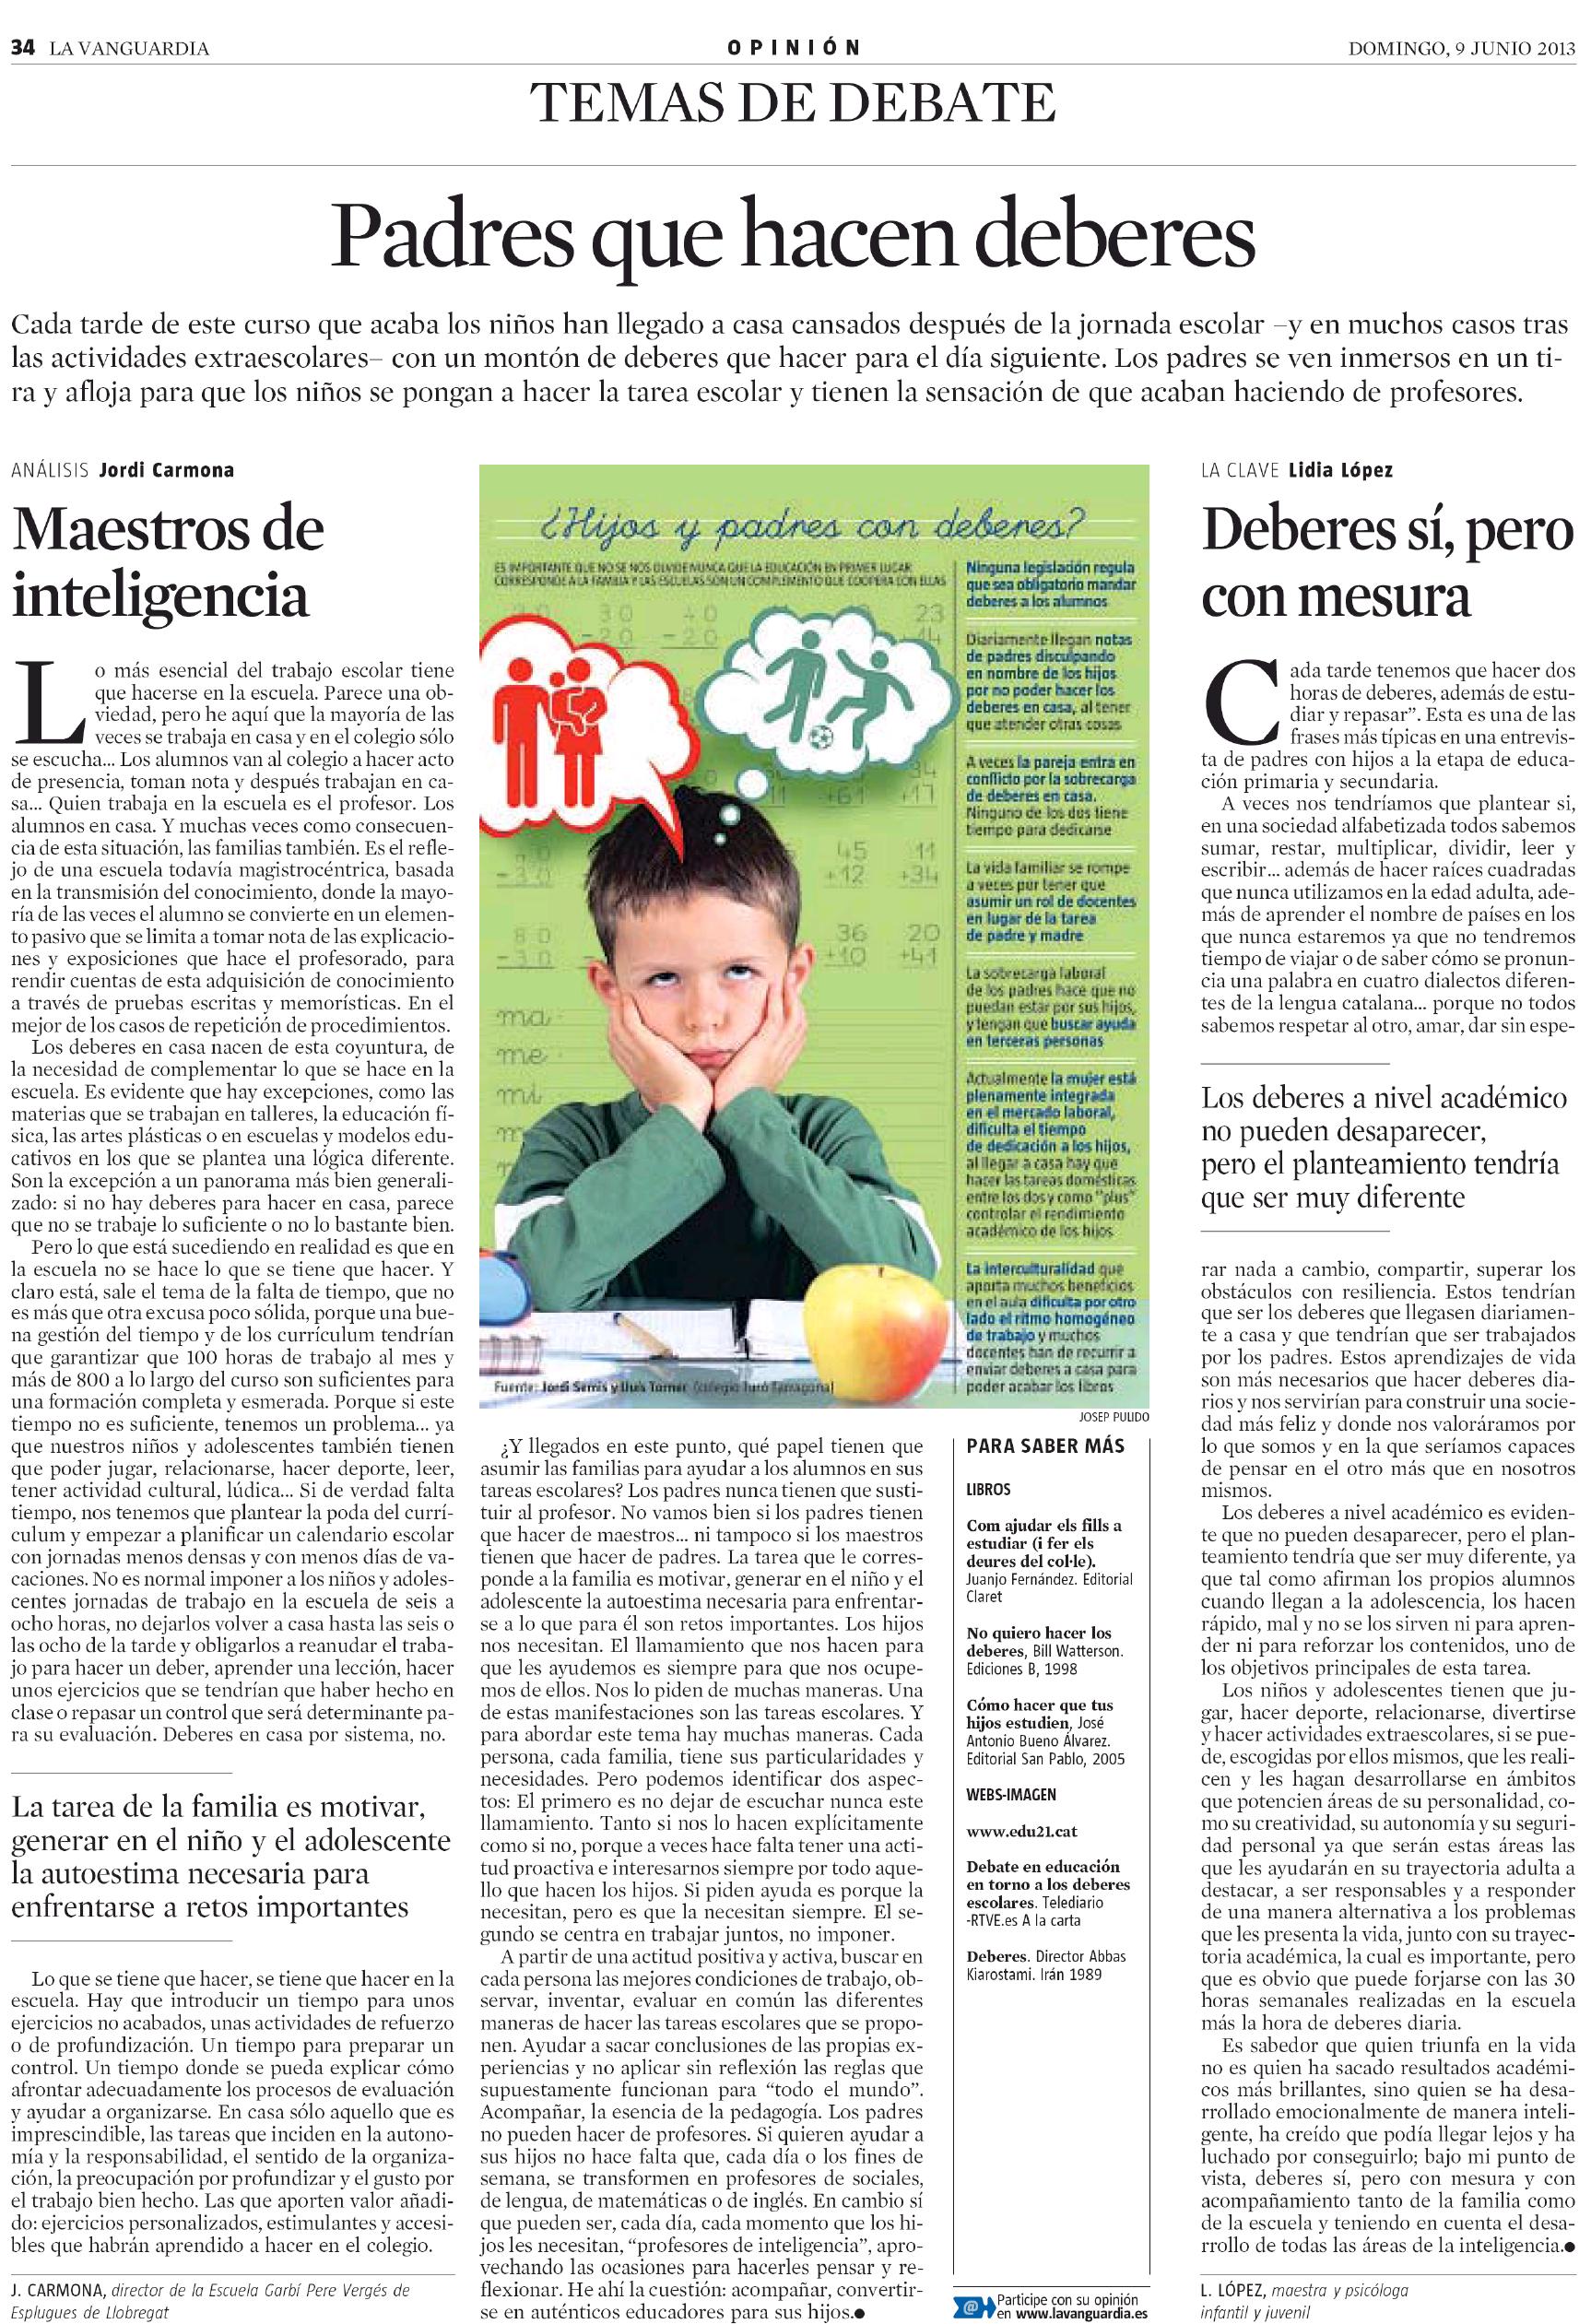 LVG padres que hacen deberes (2013-06-09)